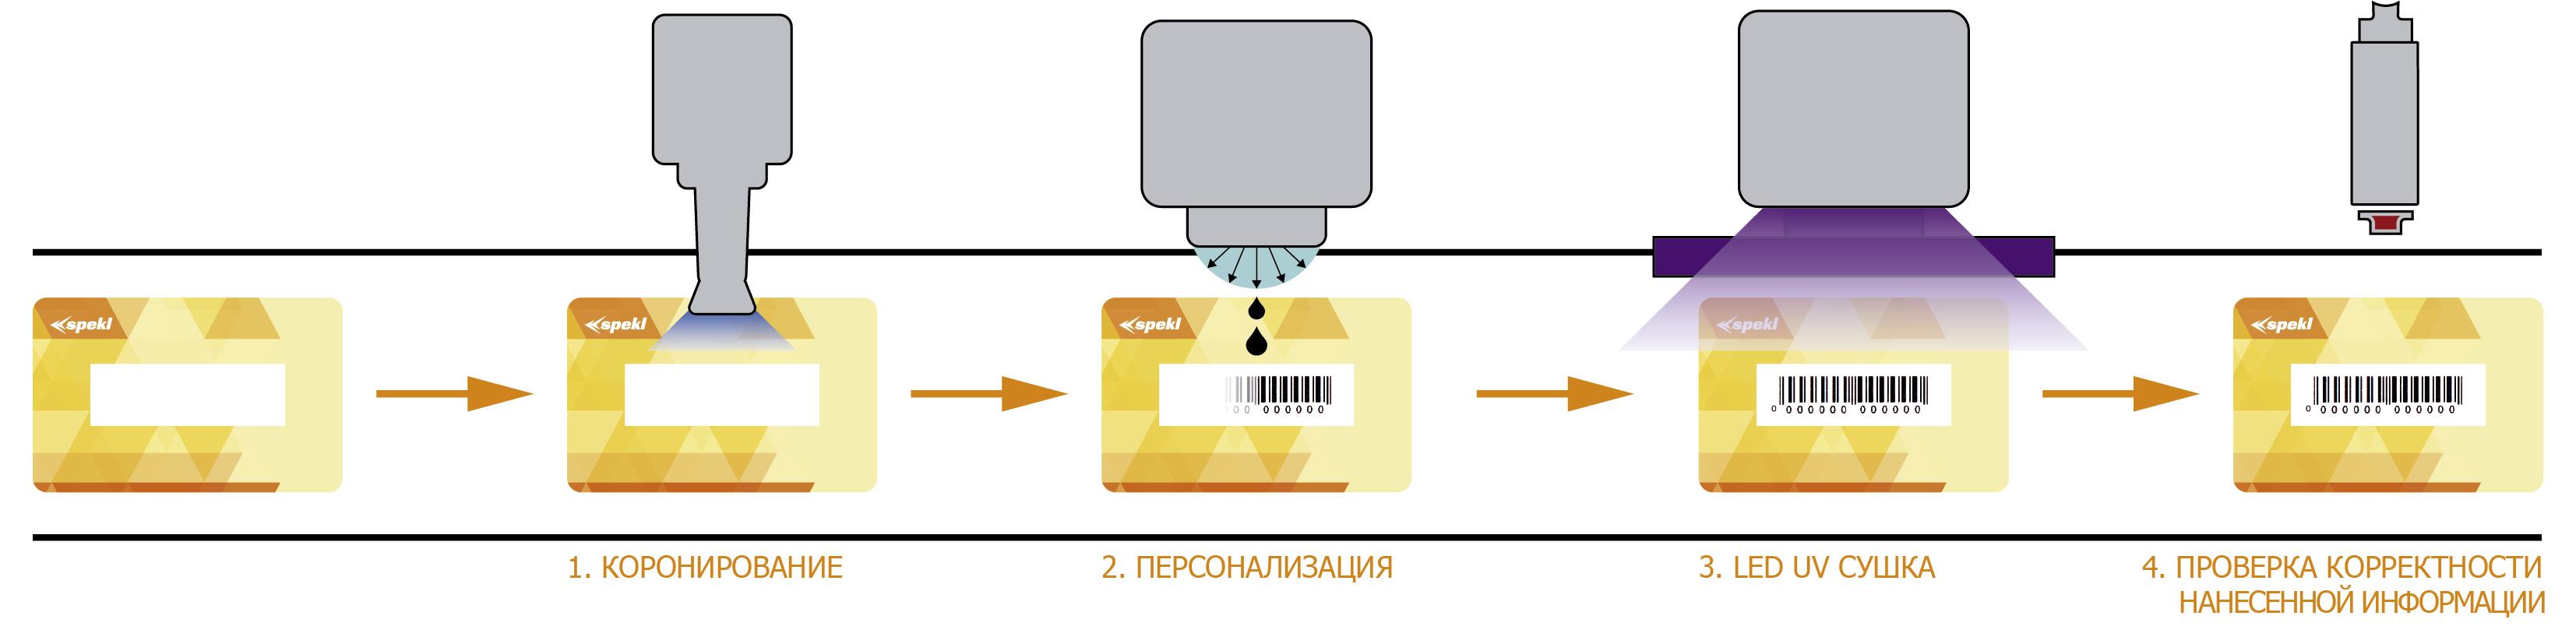 Персонализация ДОД (капля по требованию)